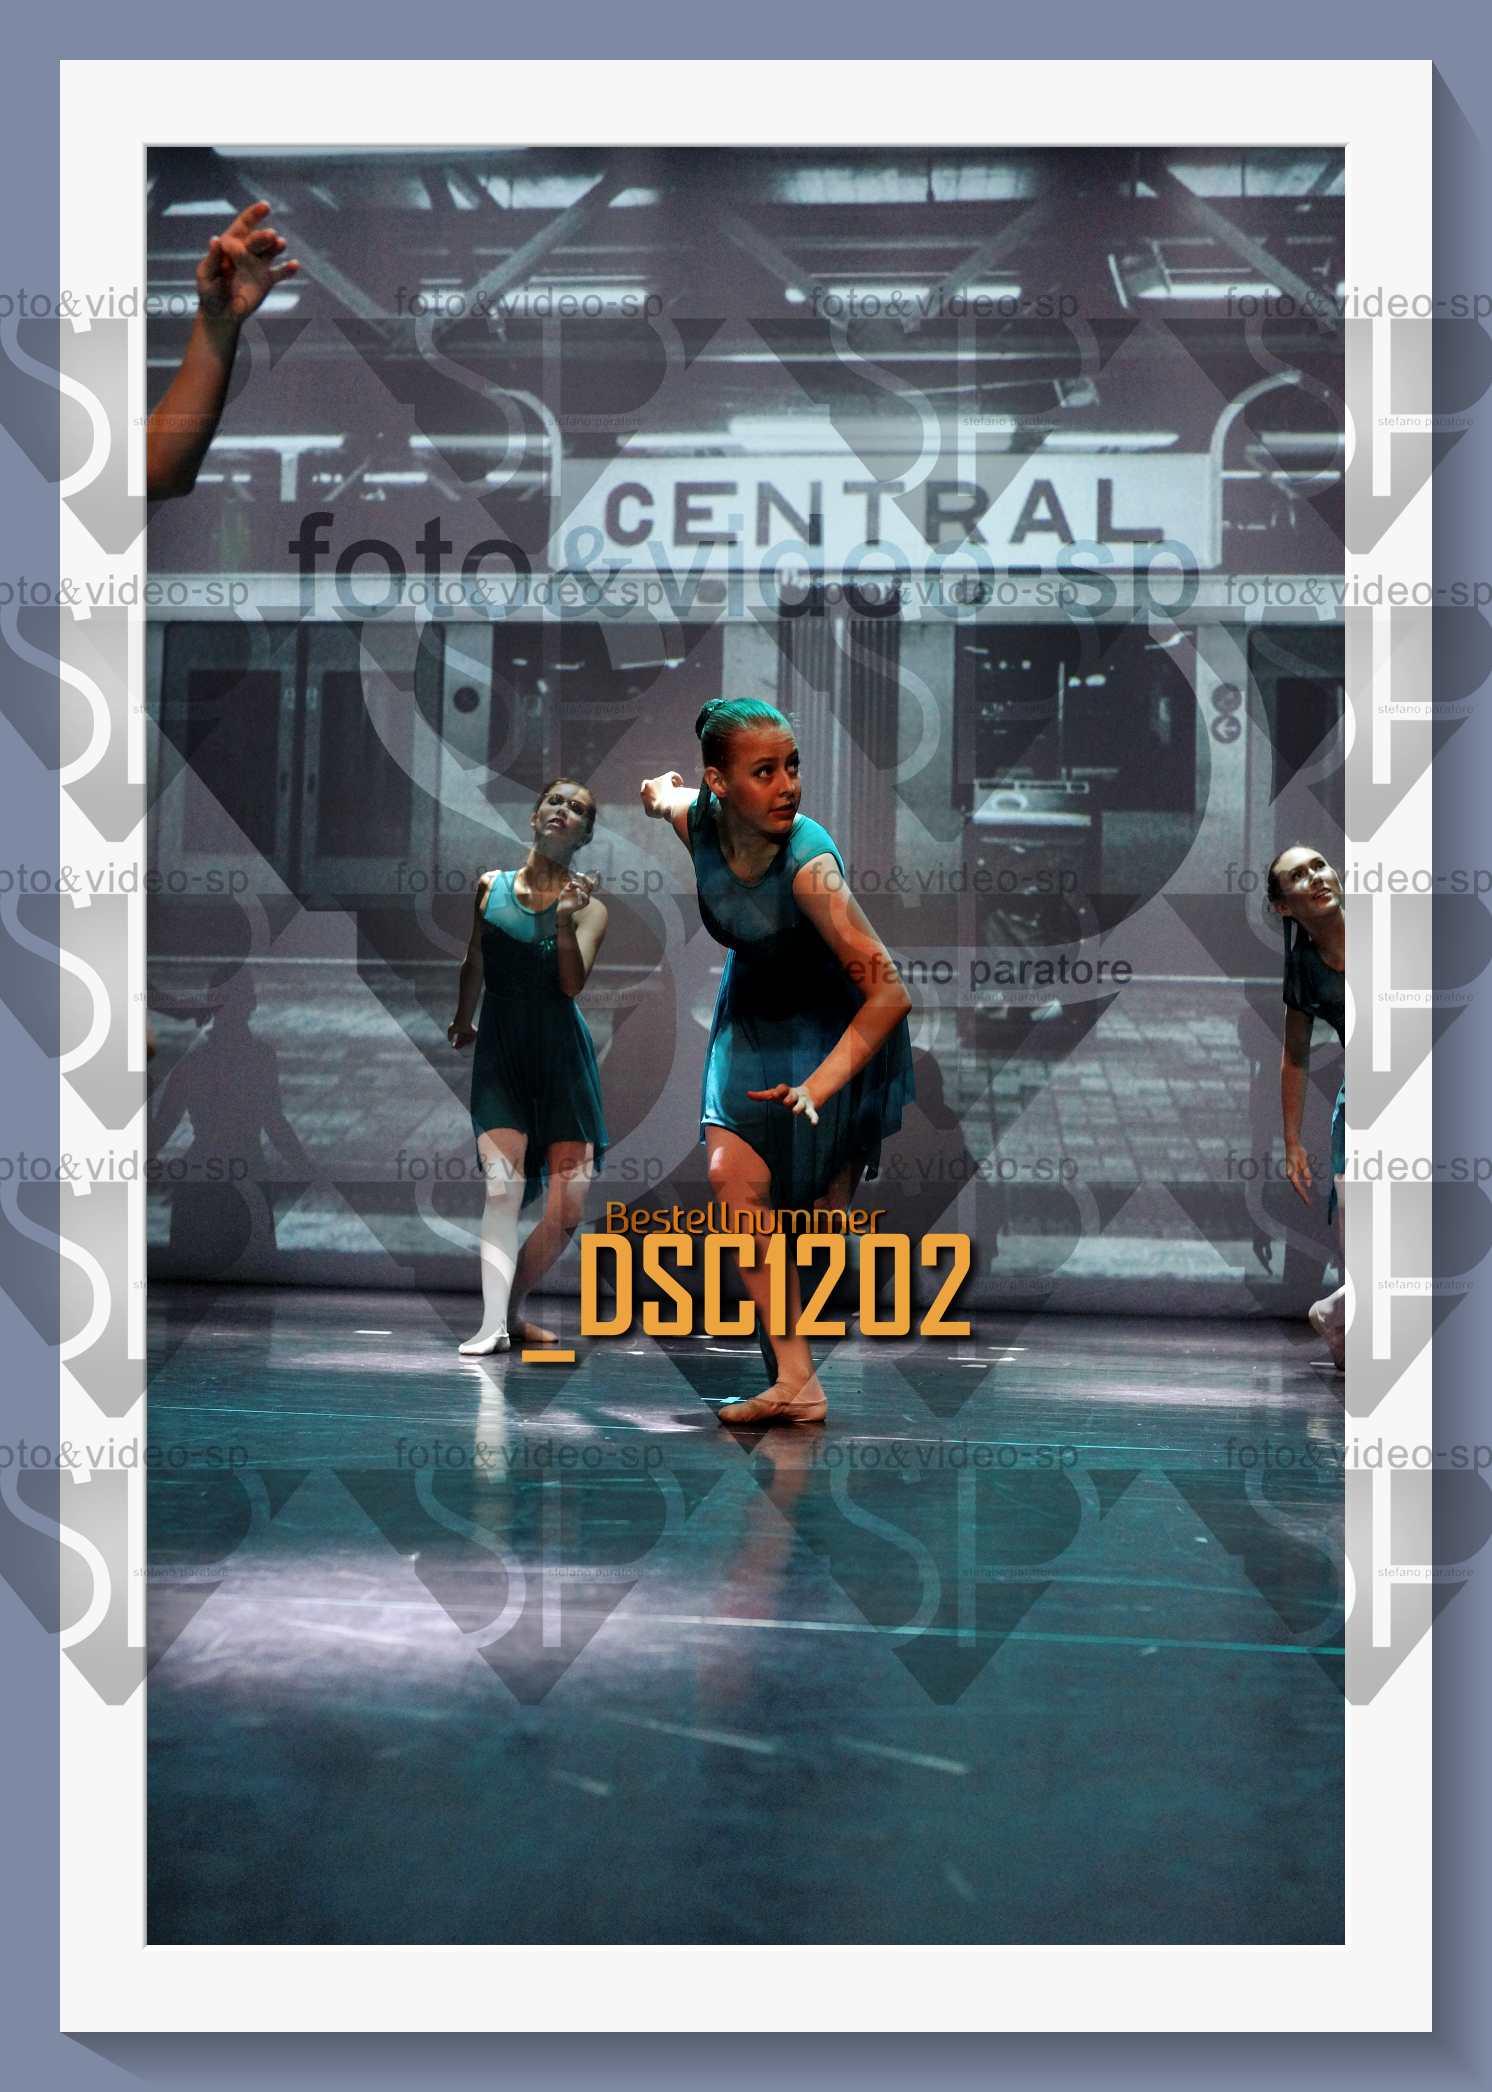 DSC1202